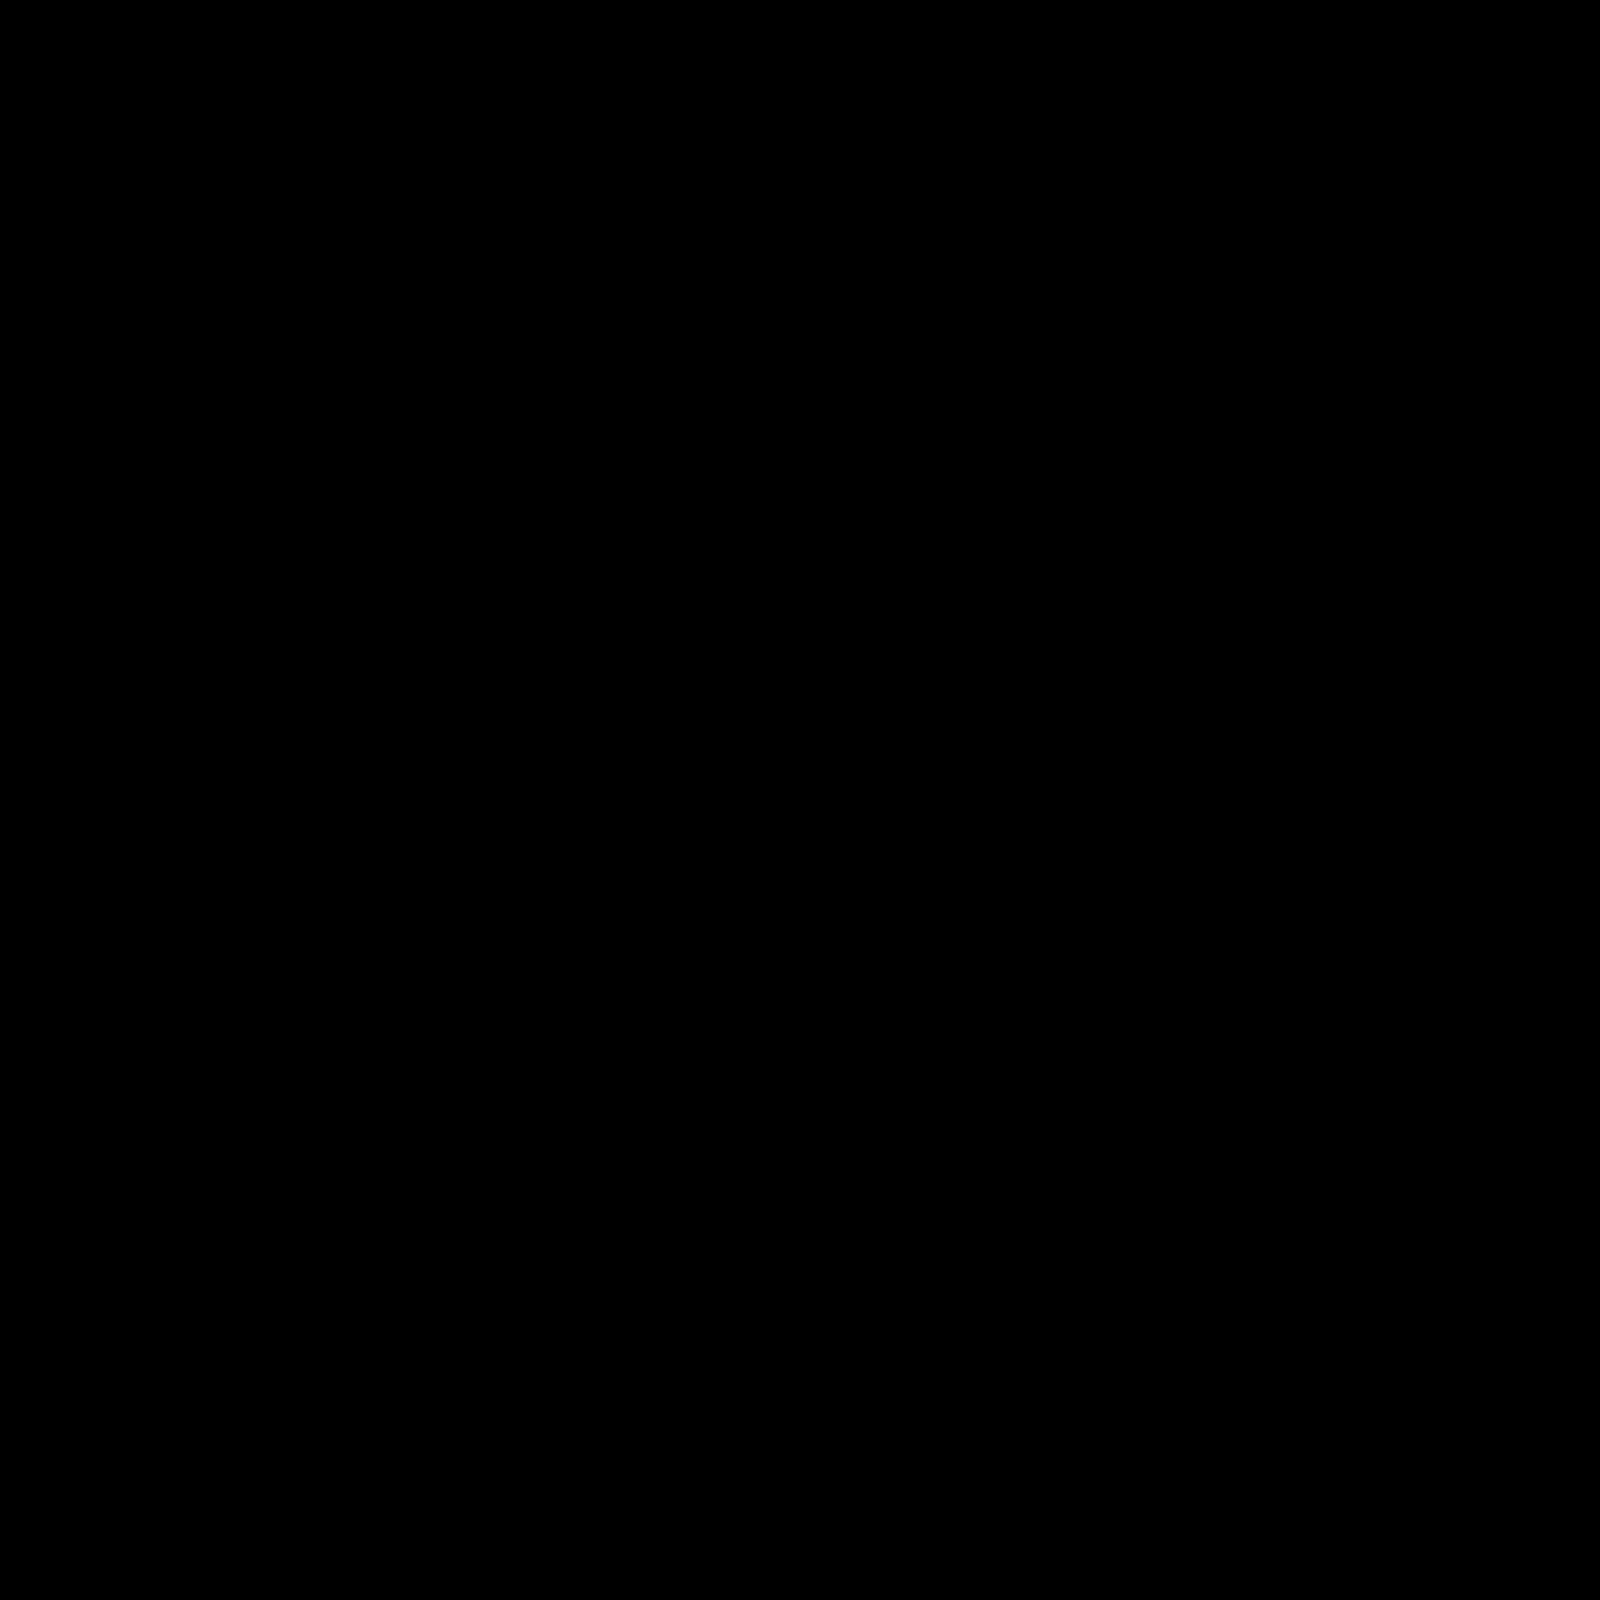 Graphique icon